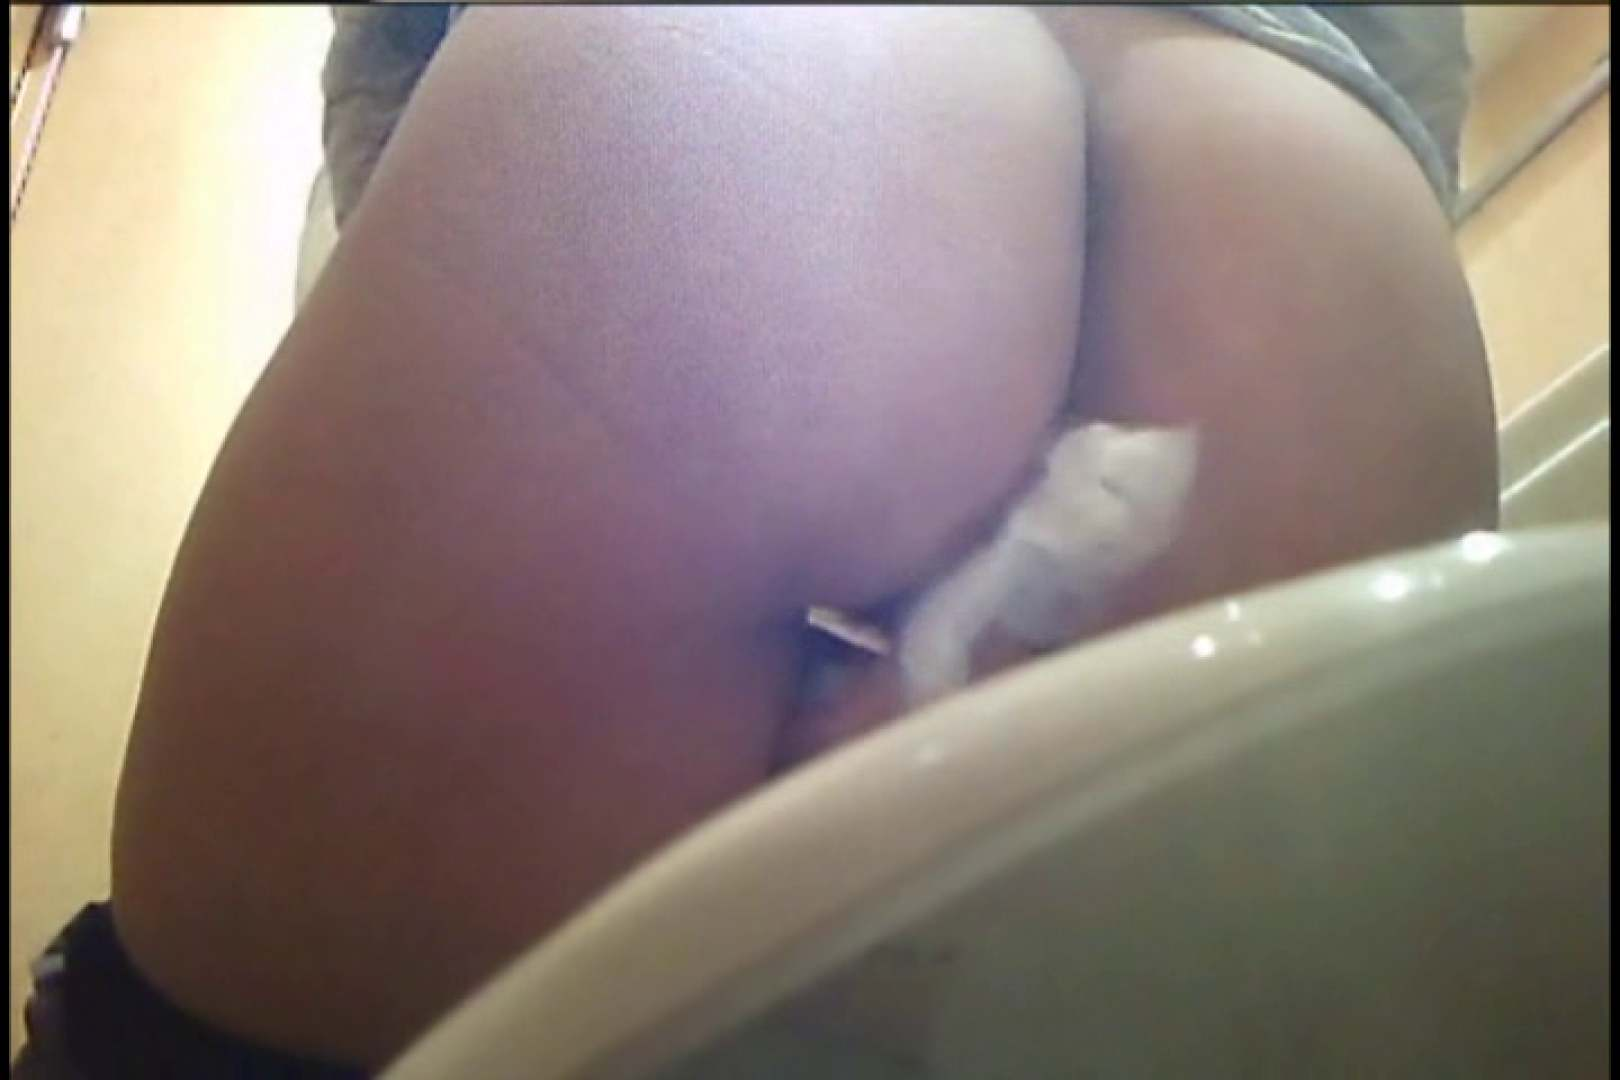 実録!熟女の用の足し方を覗く!! Vol.03 エッチすぎる熟女 ワレメ無修正動画無料 92連発 14